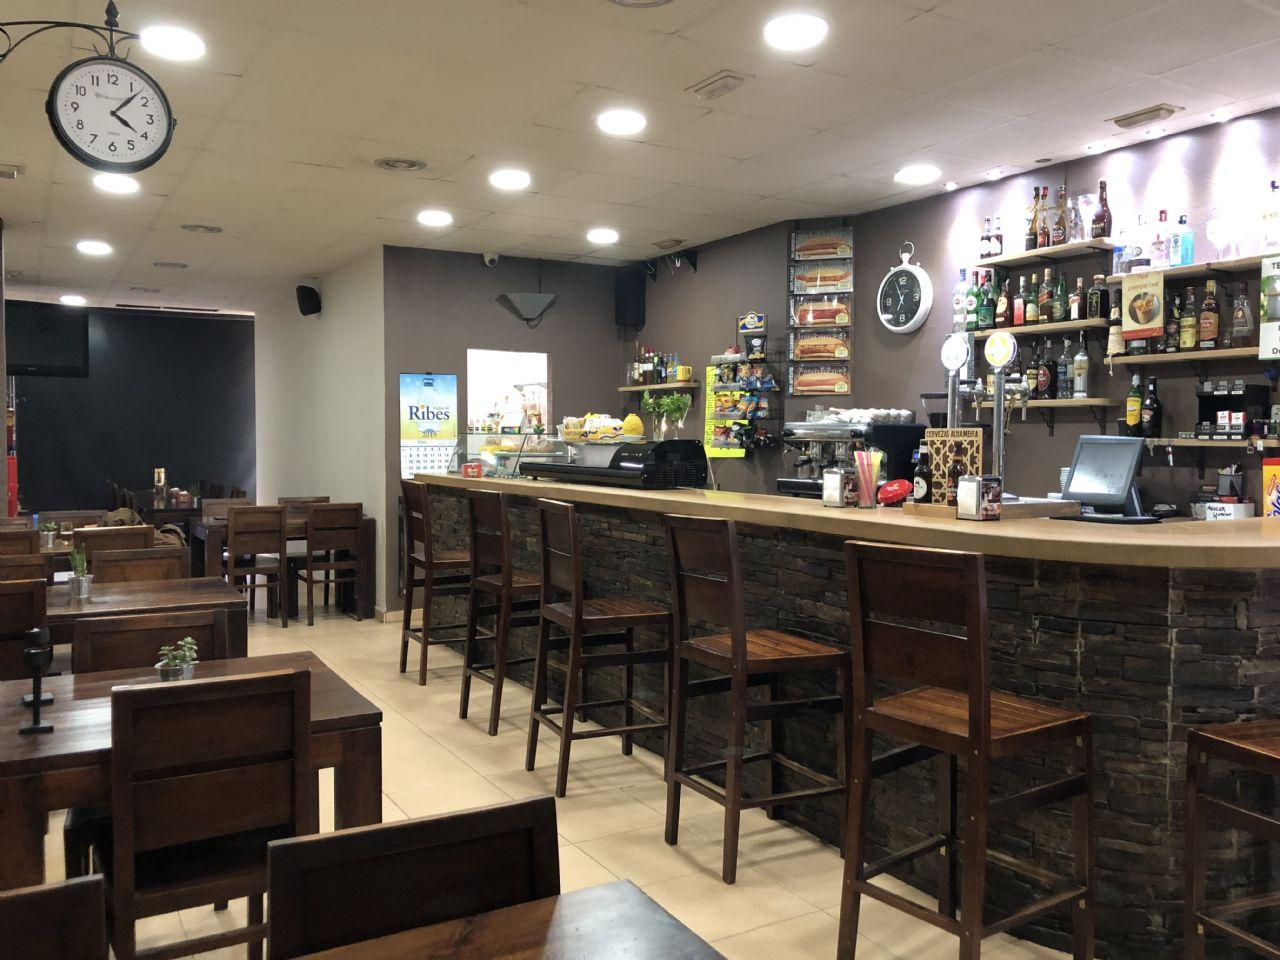 Local Comercial  Centre. Se traspasa bar-cafetería en funcionamiento